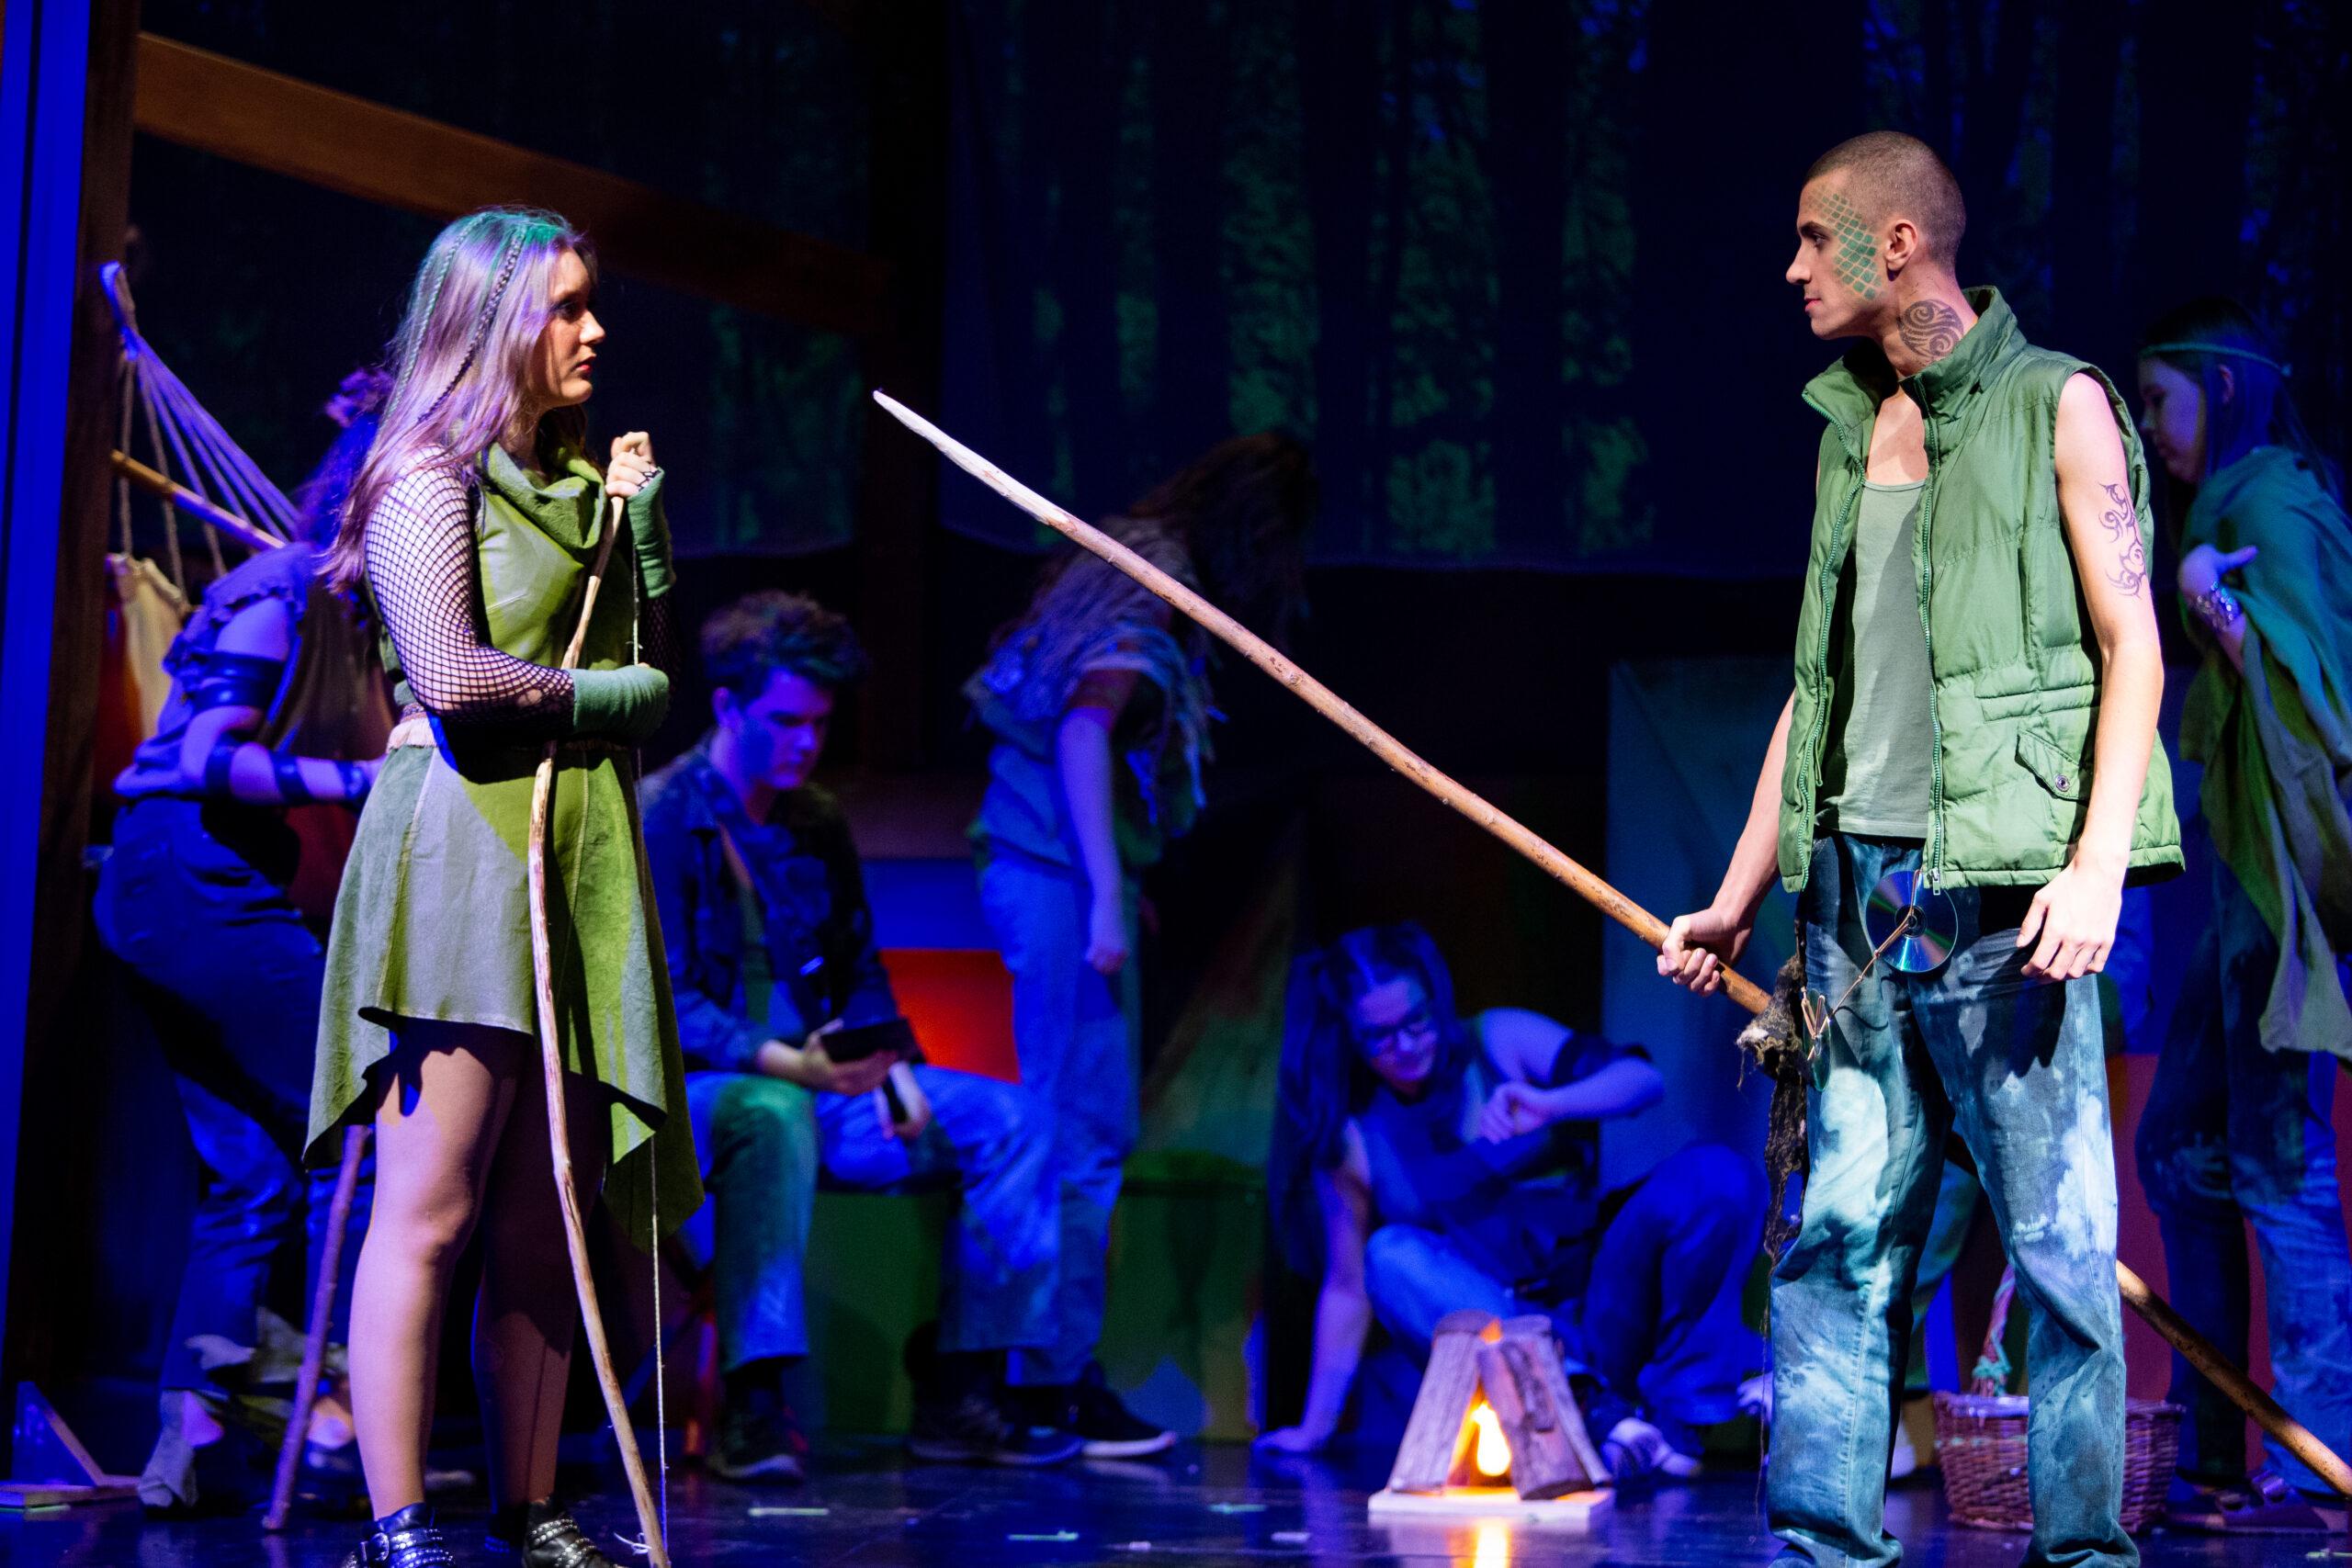 Elever bag scenen i teater forestilling